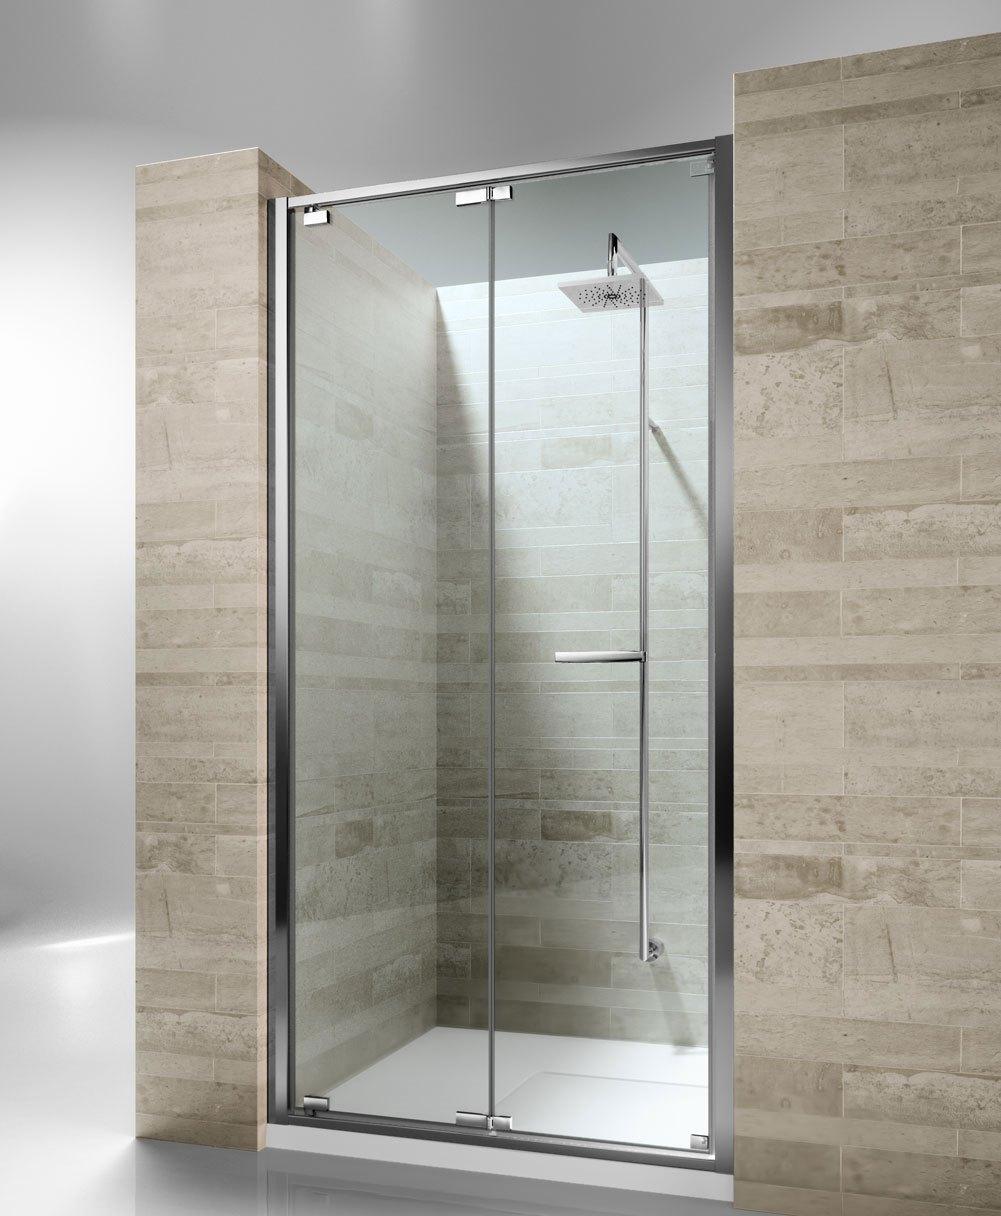 cabina doccia per nicchia